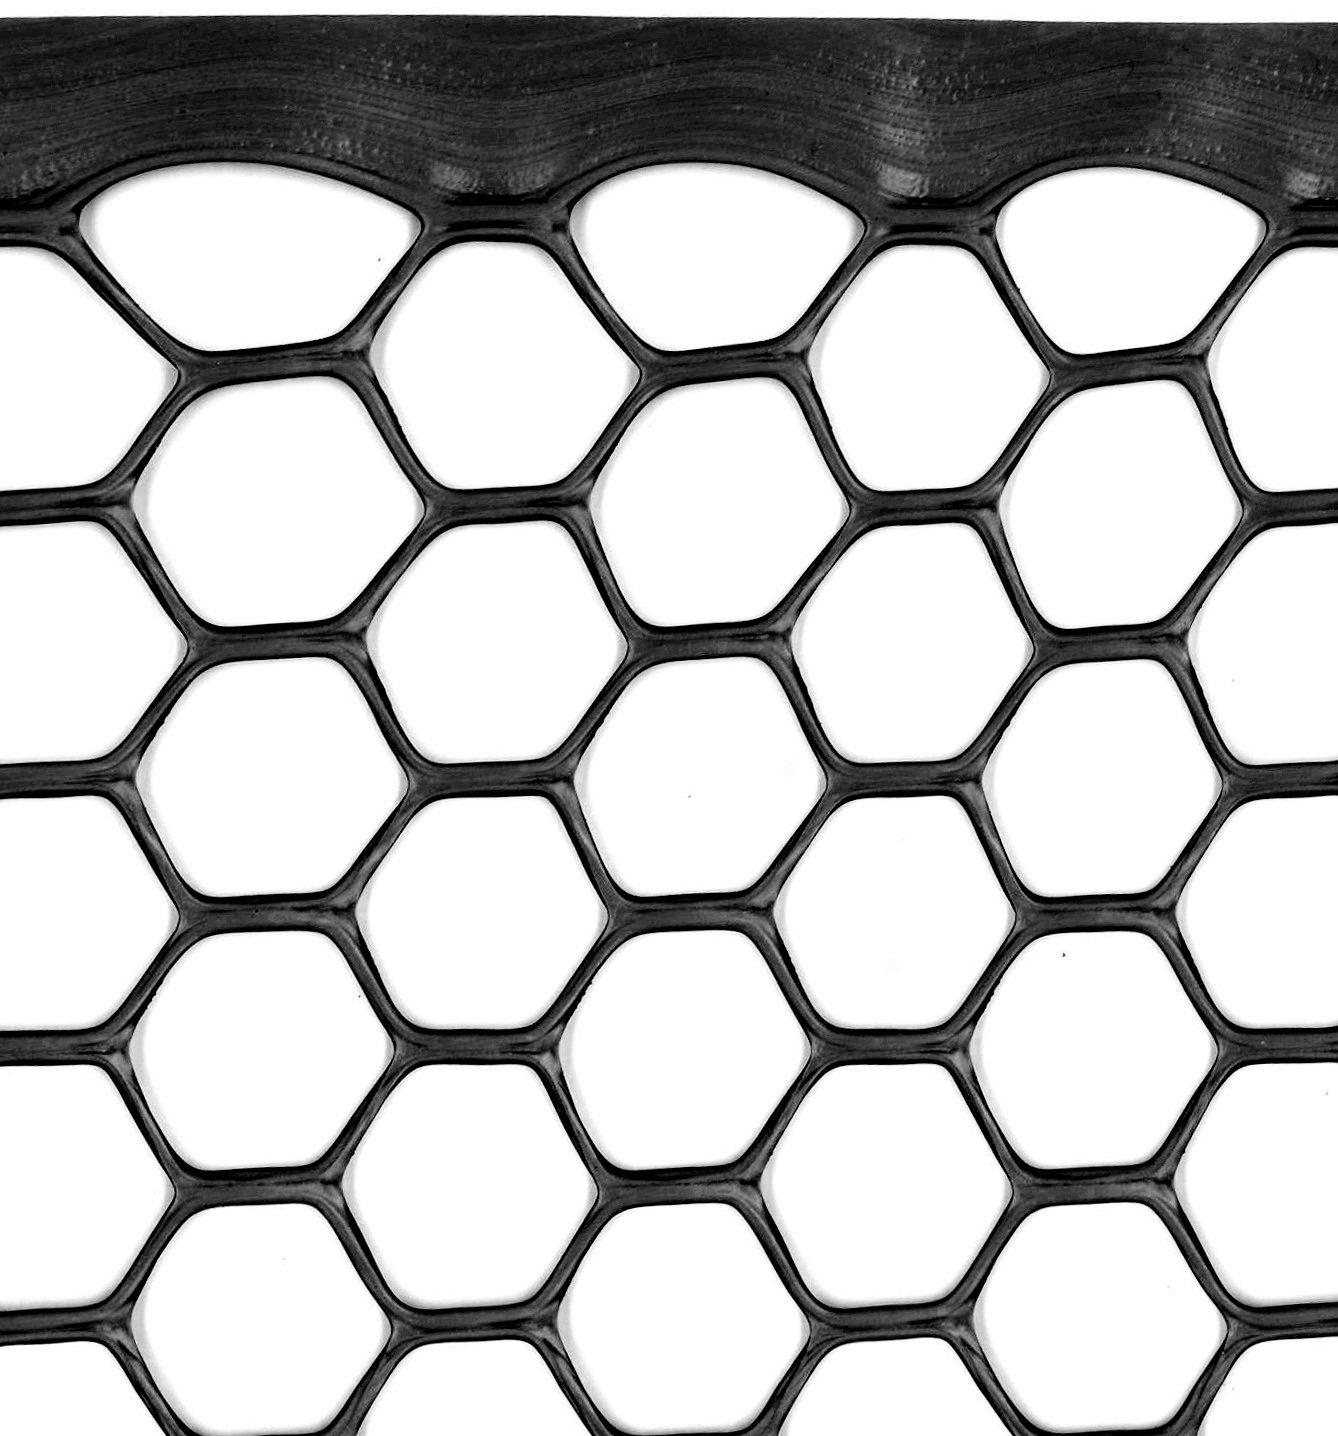 Te x 72120346    , 4' X 50', Black by Tenax (Image #2)